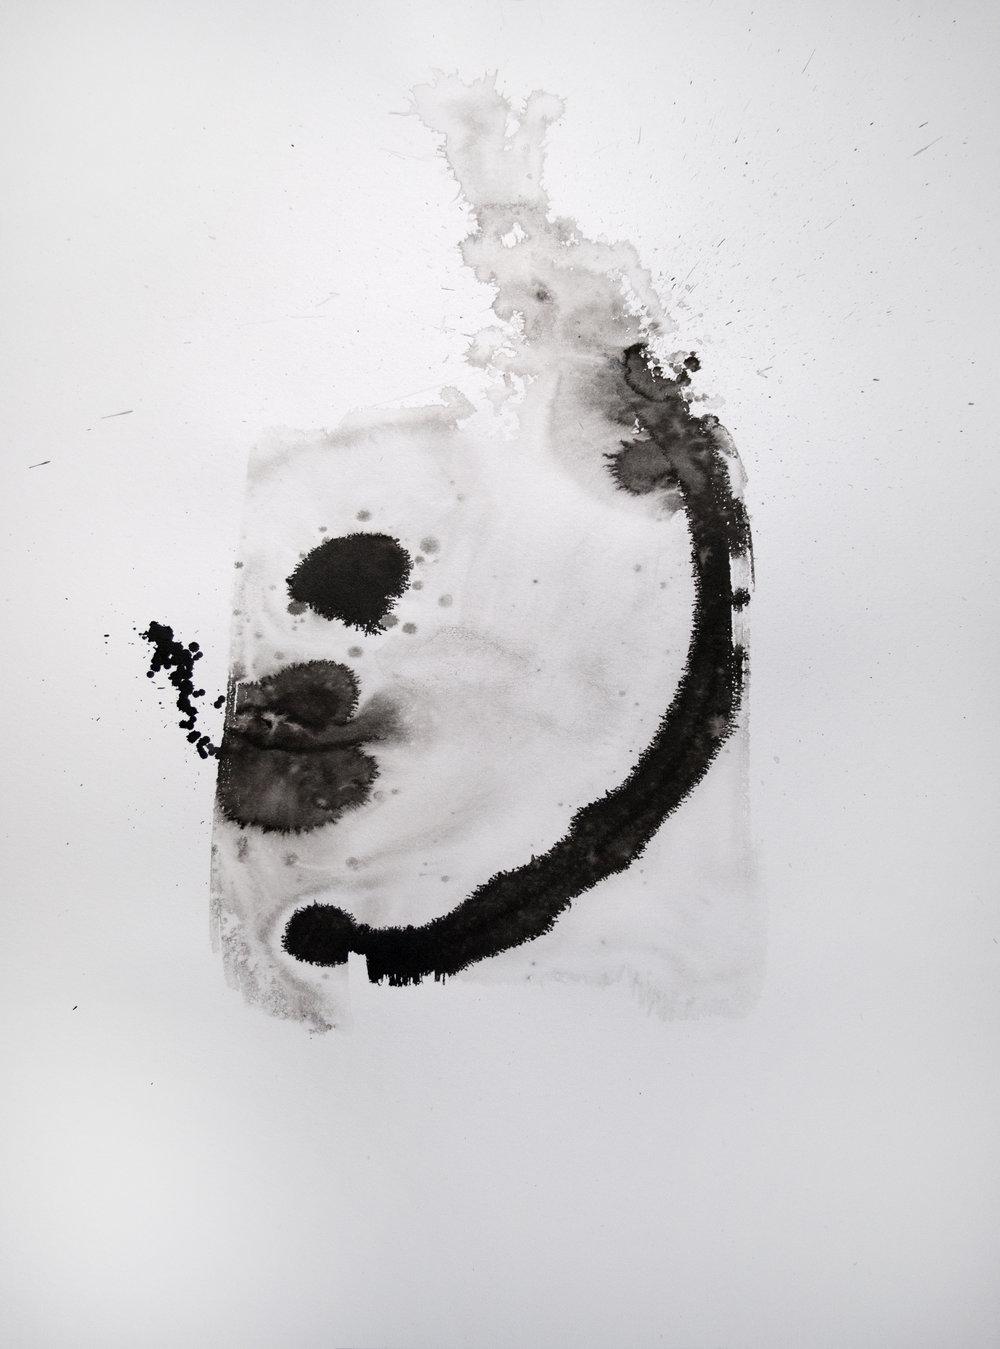 black ink and water 2.jpg